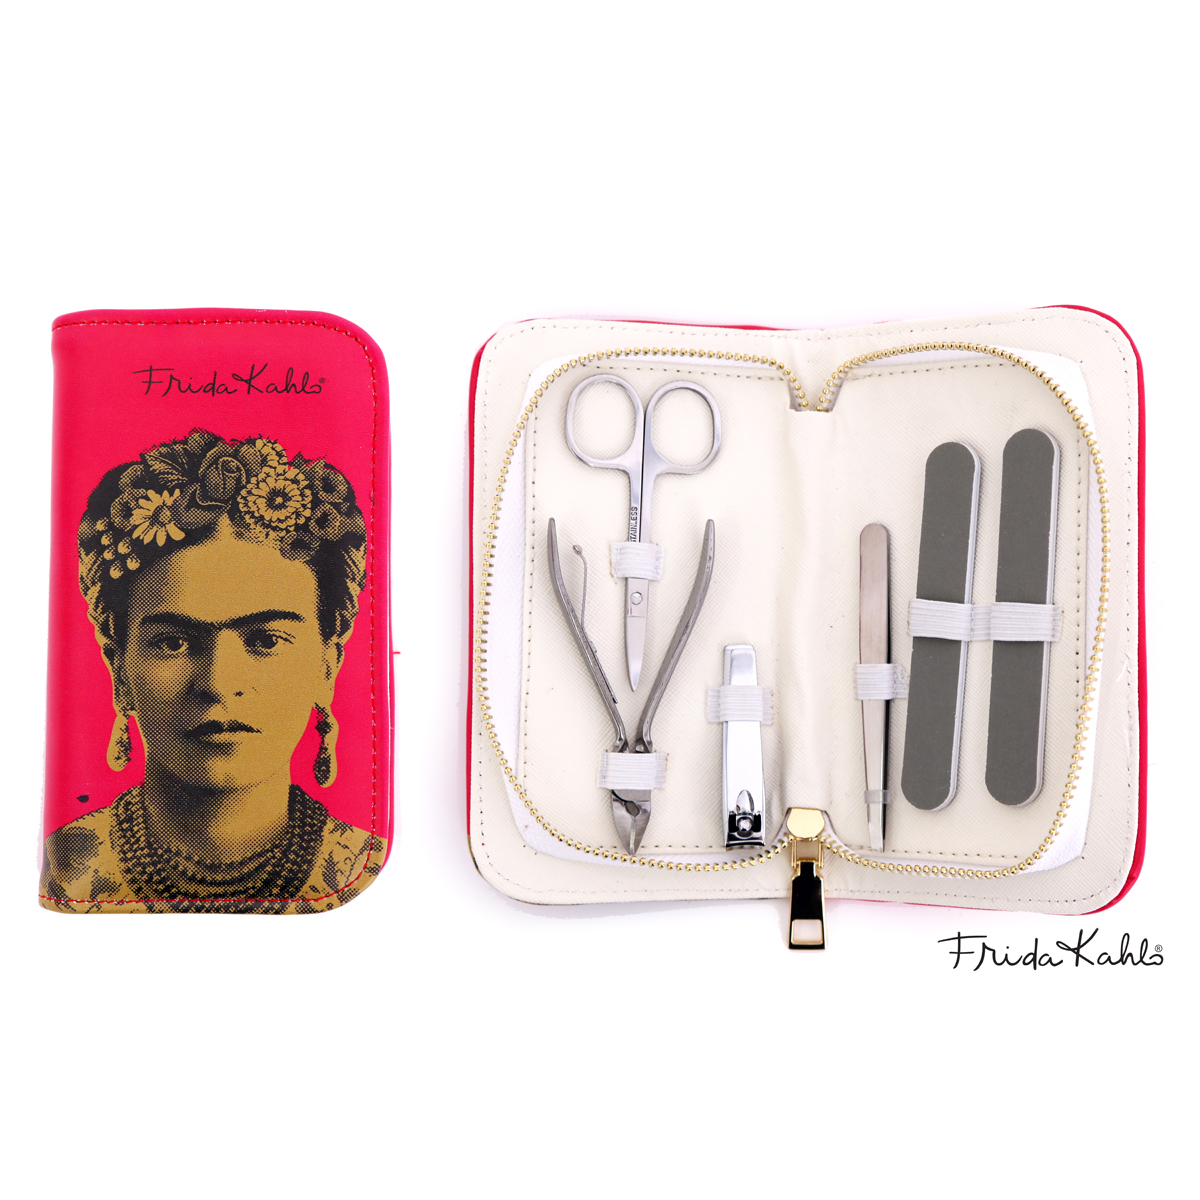 Trousse manucure \'Frida Kahlo\' rose (6 outils) - 16x9x3 cm  - [R0908]